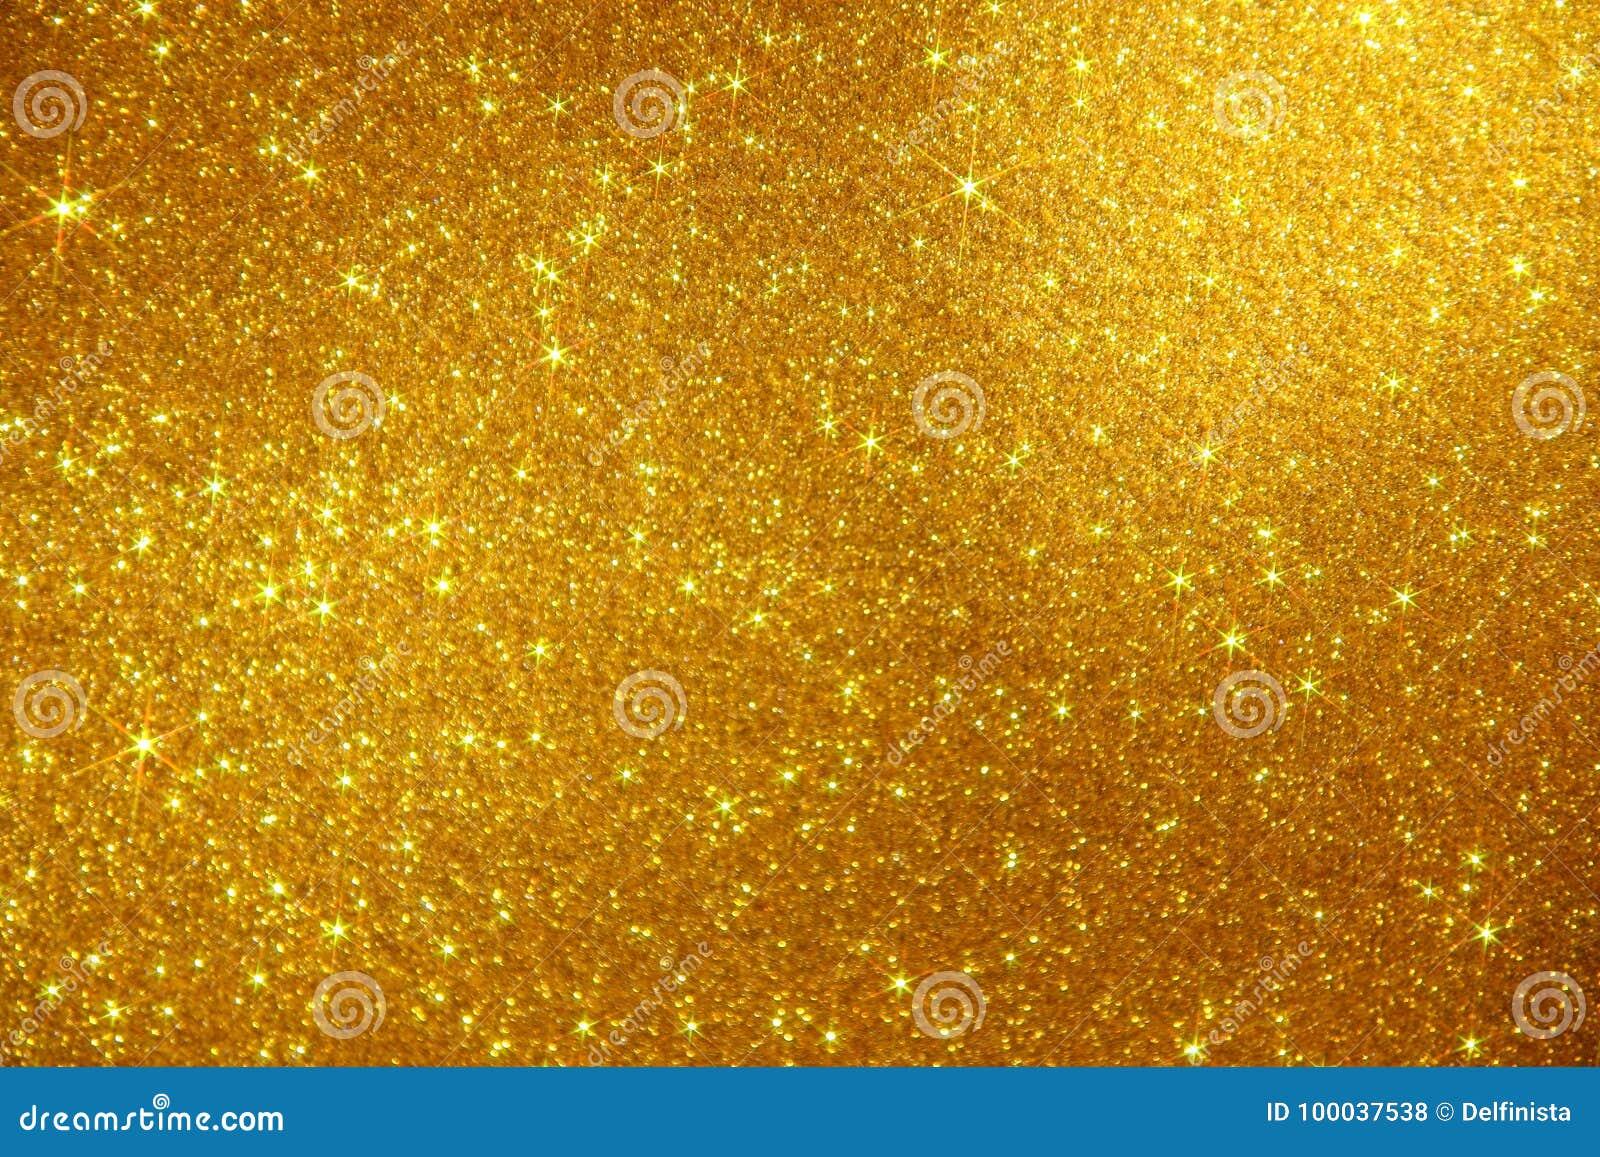 金子闪烁星闪闪发光背景-储蓄照片